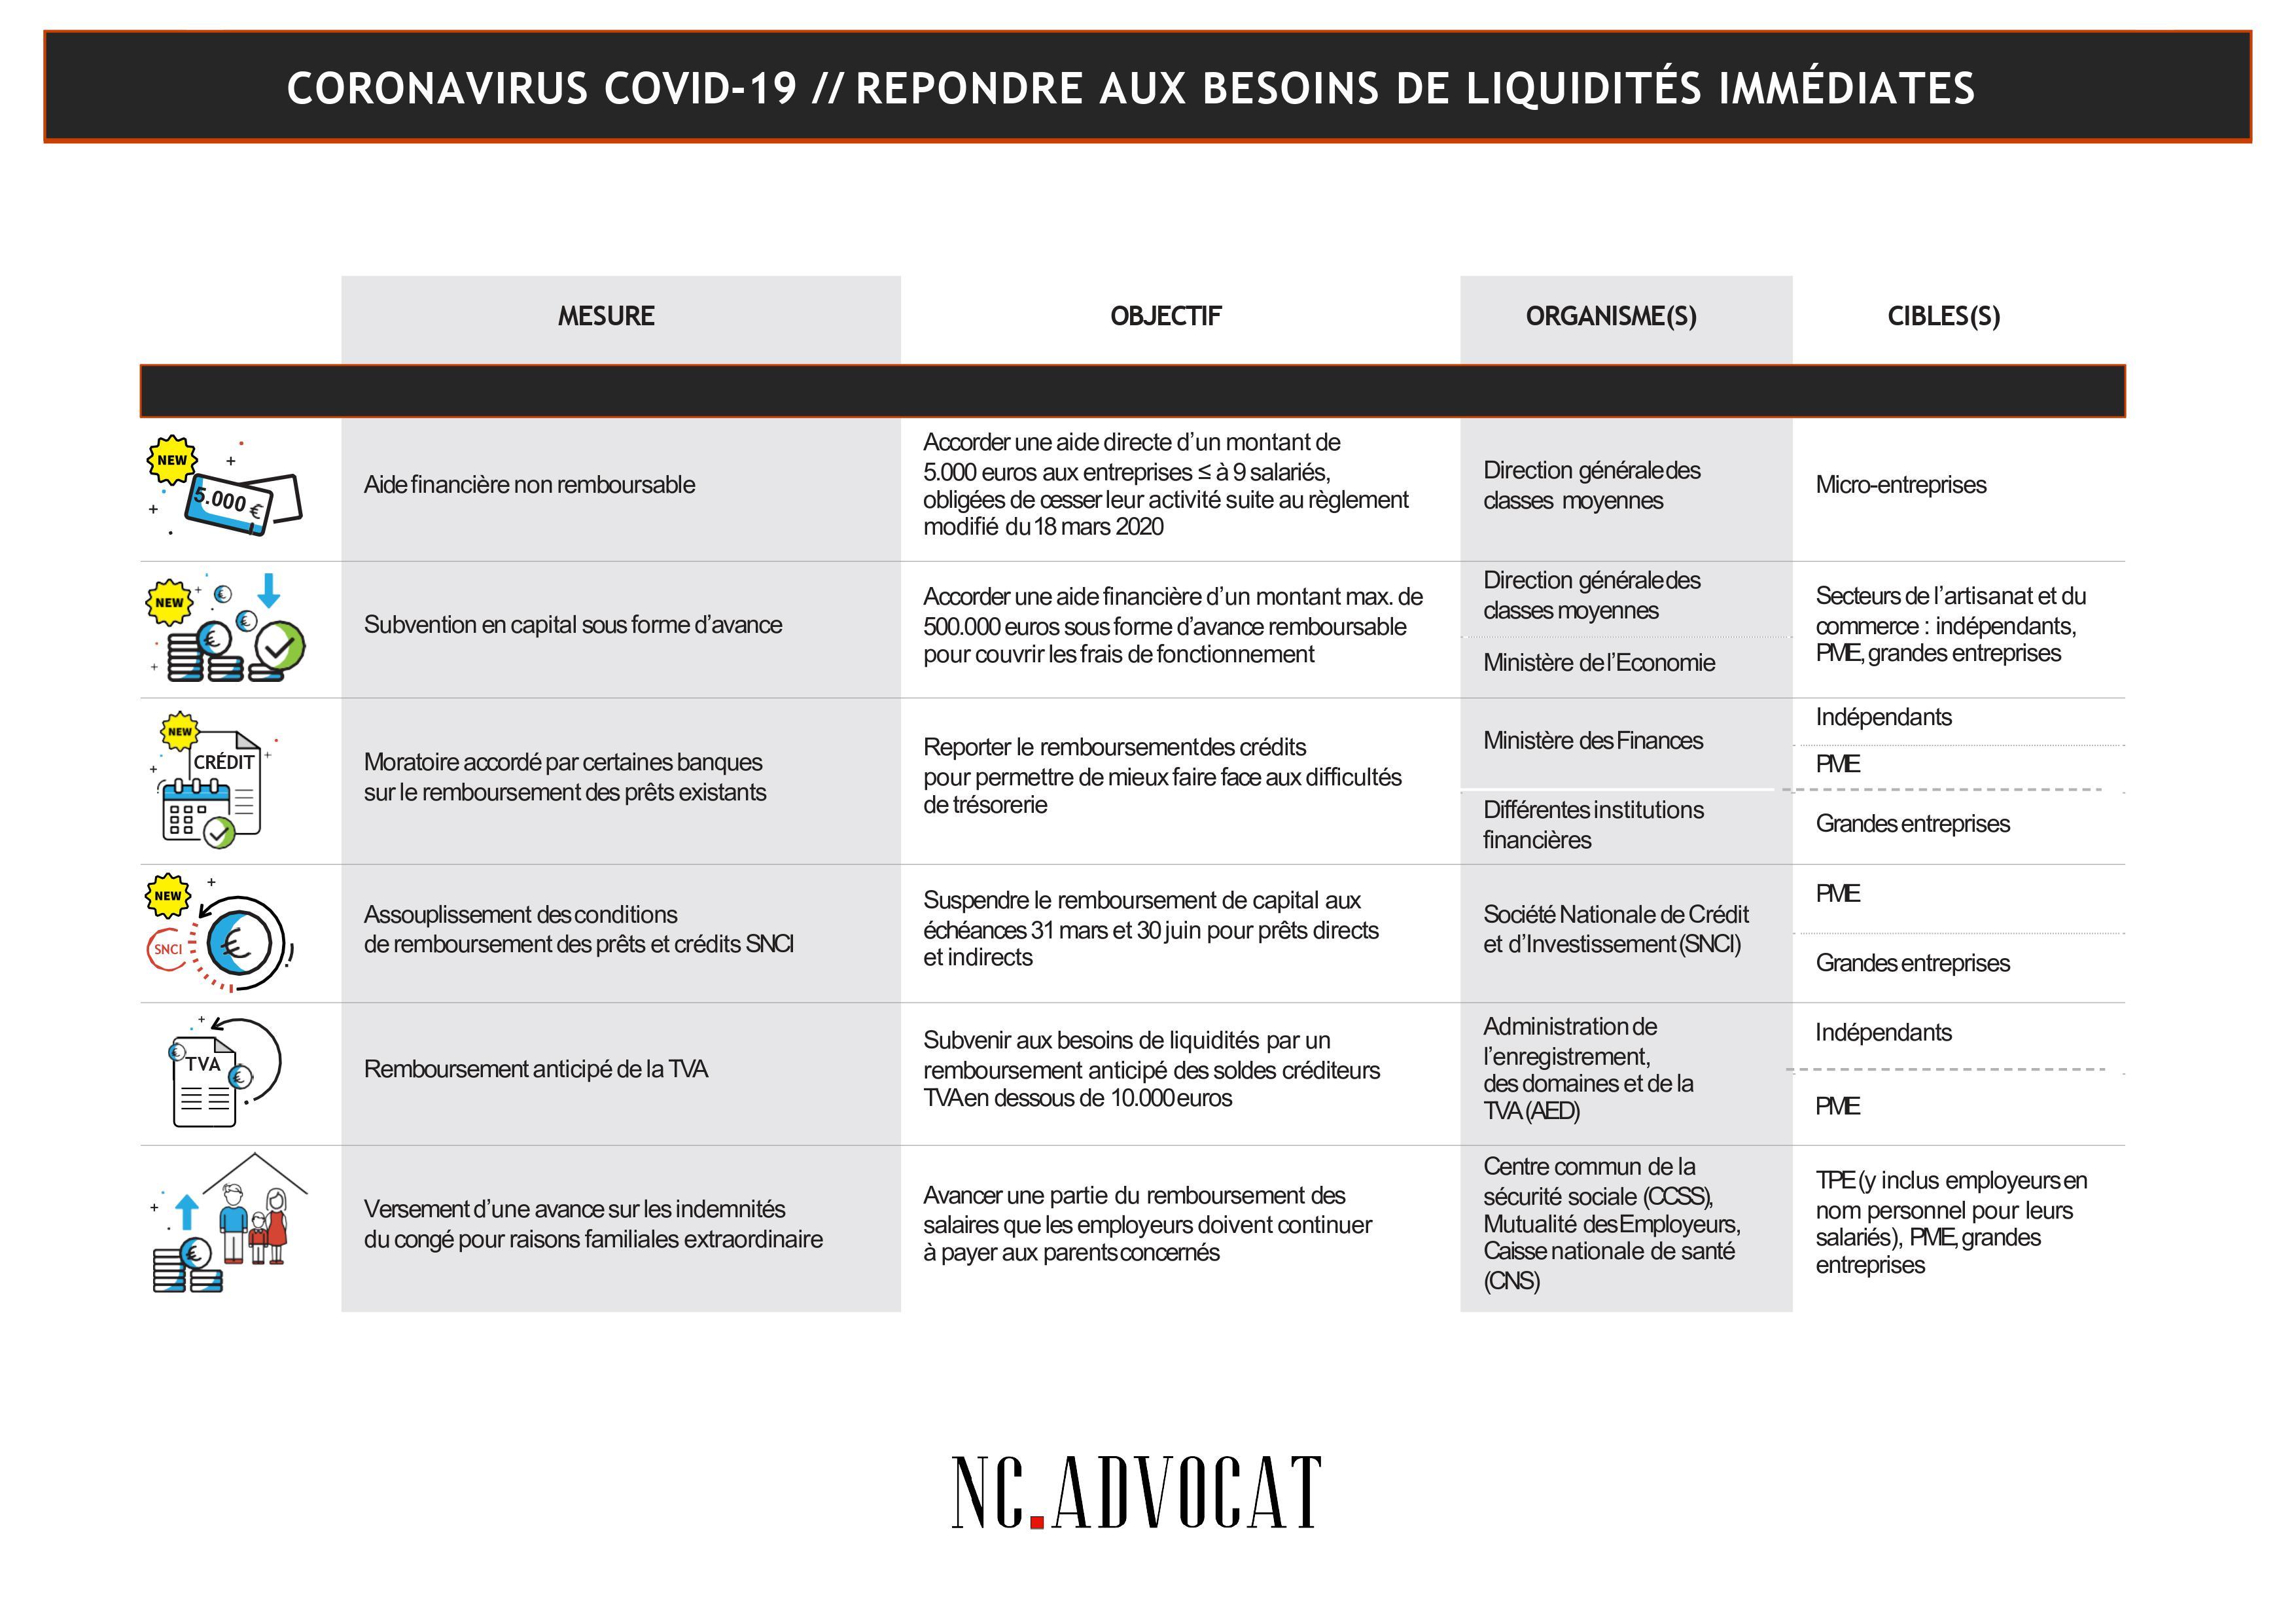 Image article - Gouvernement / Coronavirus – Informations pour les entreprises pour répondre aux besoins de liquidités immédiates